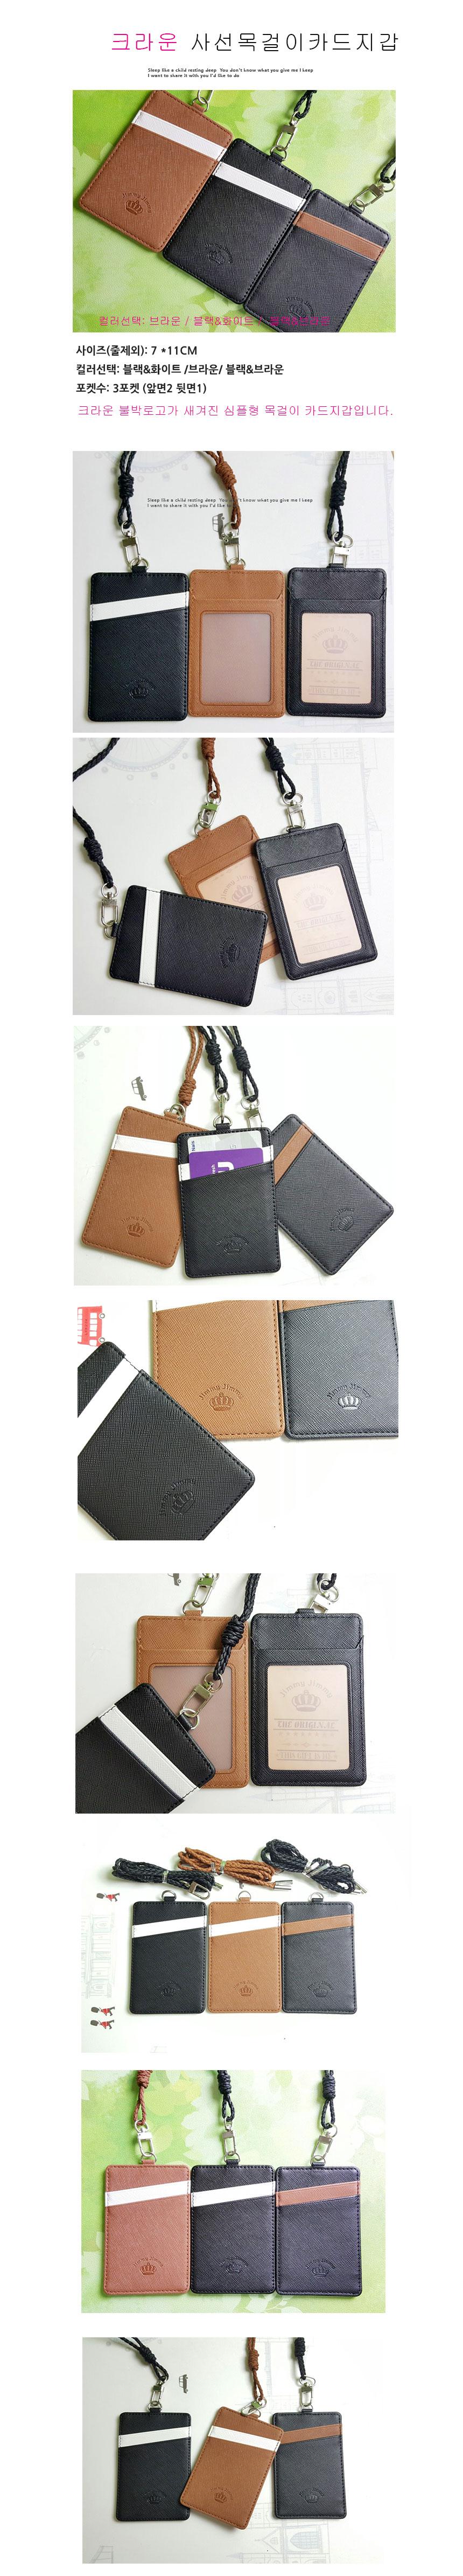 크라운 사선목걸이카드지갑 - 파라솔팬시, 7,000원, 동전/카드지갑, 목걸이형카드지갑